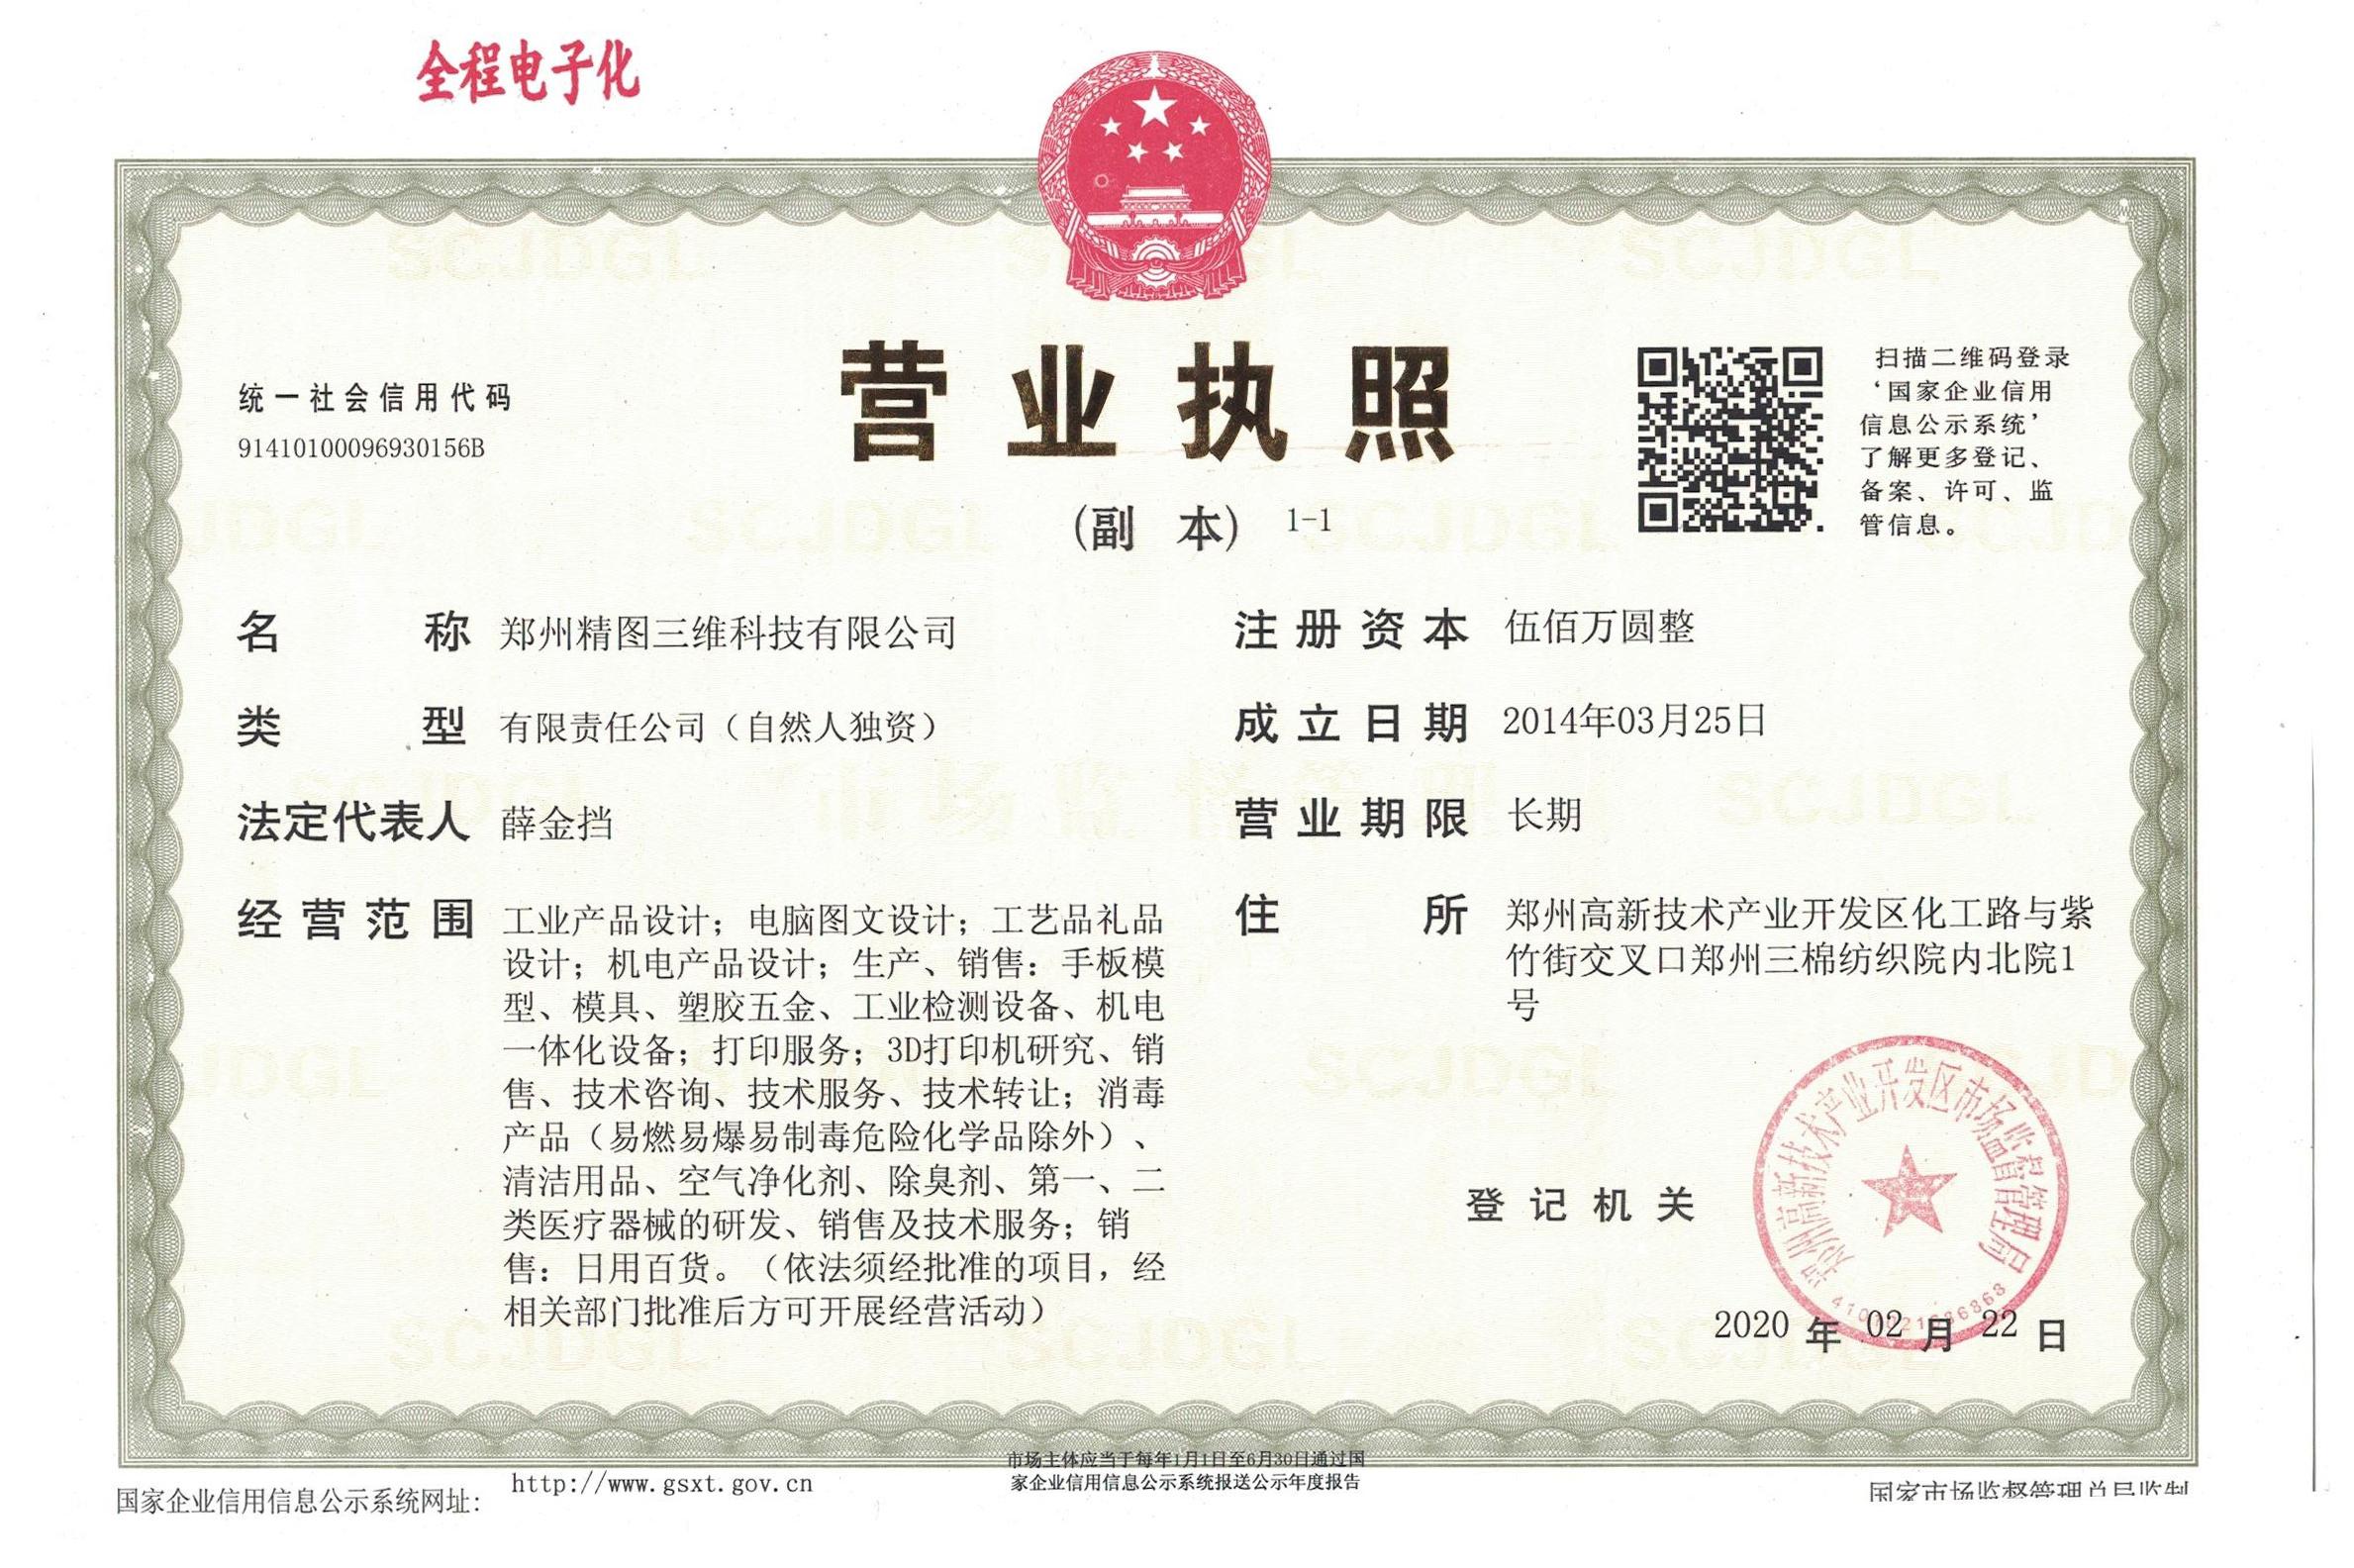 郑州精图三维科技有限公司